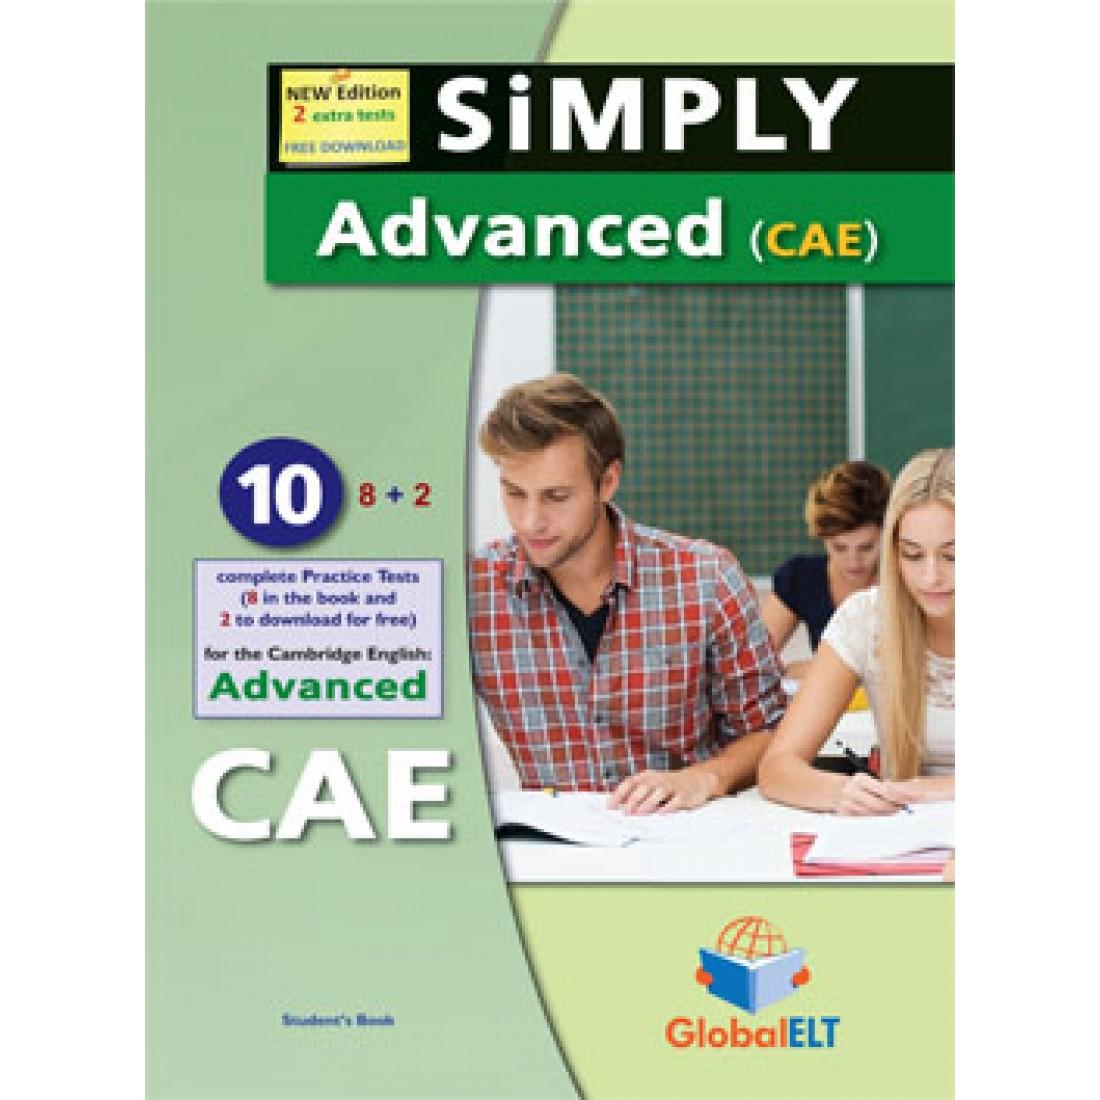 Cae Practice Test Book